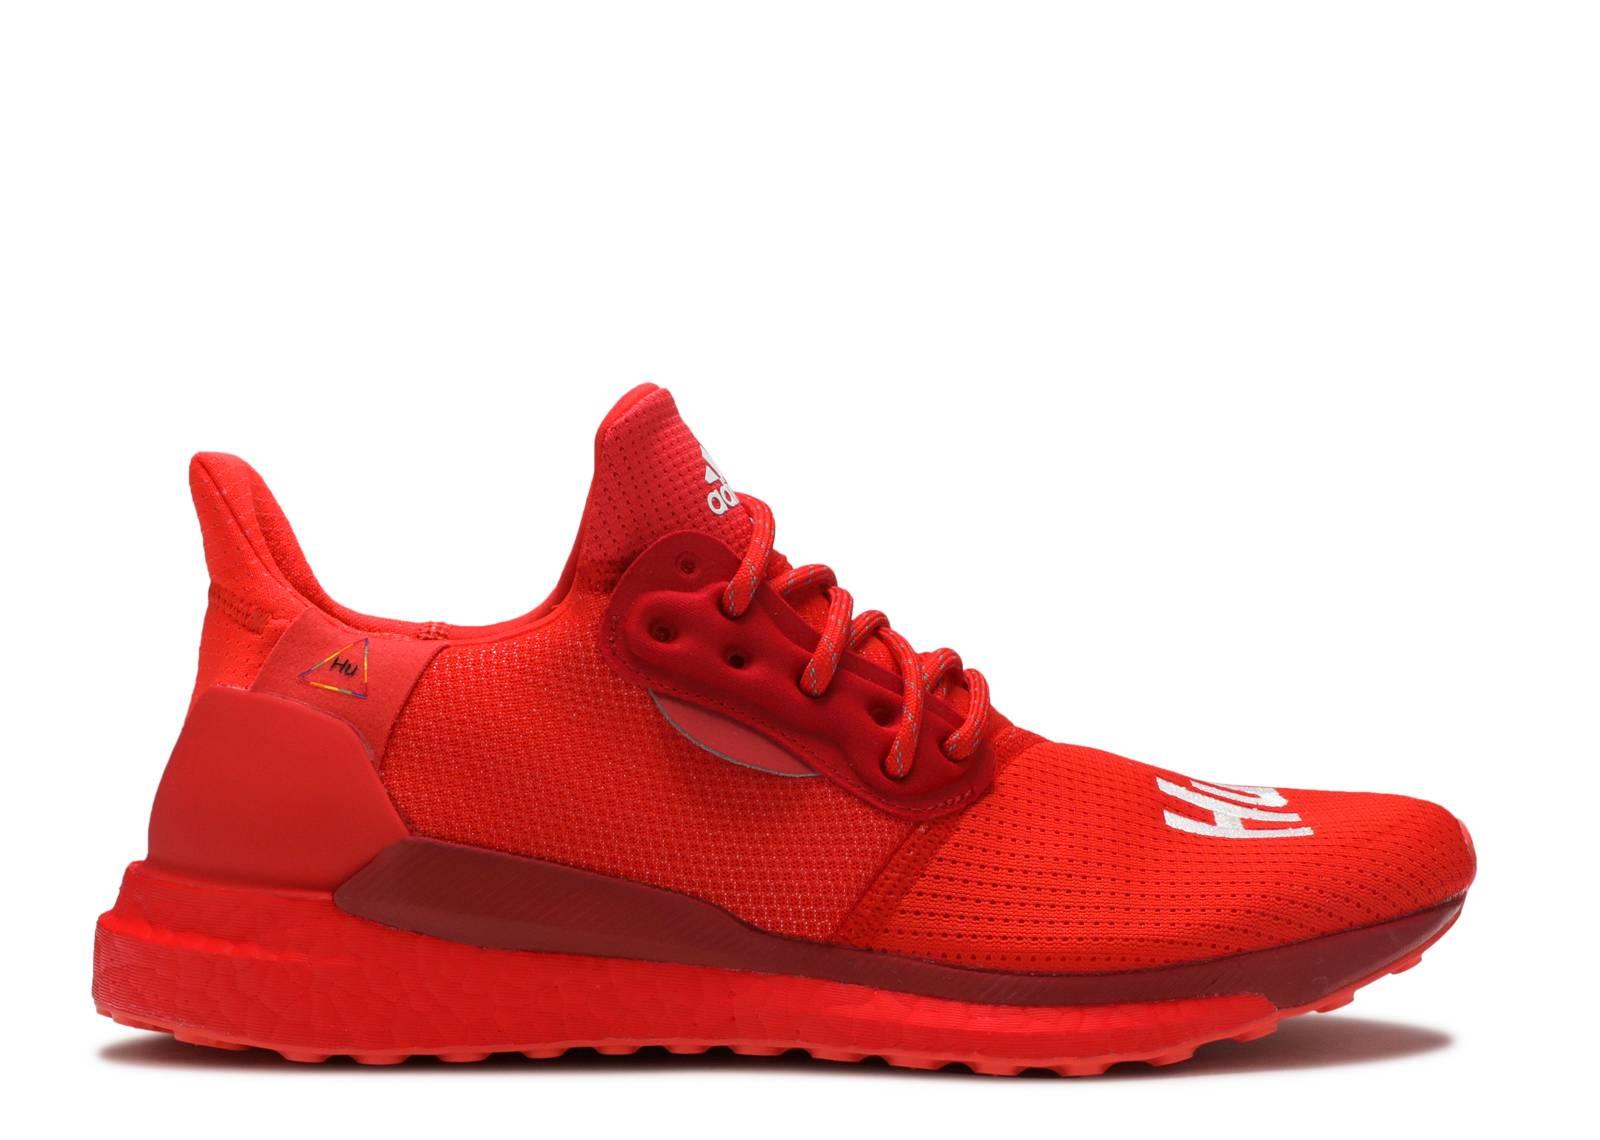 Pharrell Williams adidas Solar Hu Glide Red EF2381 Release